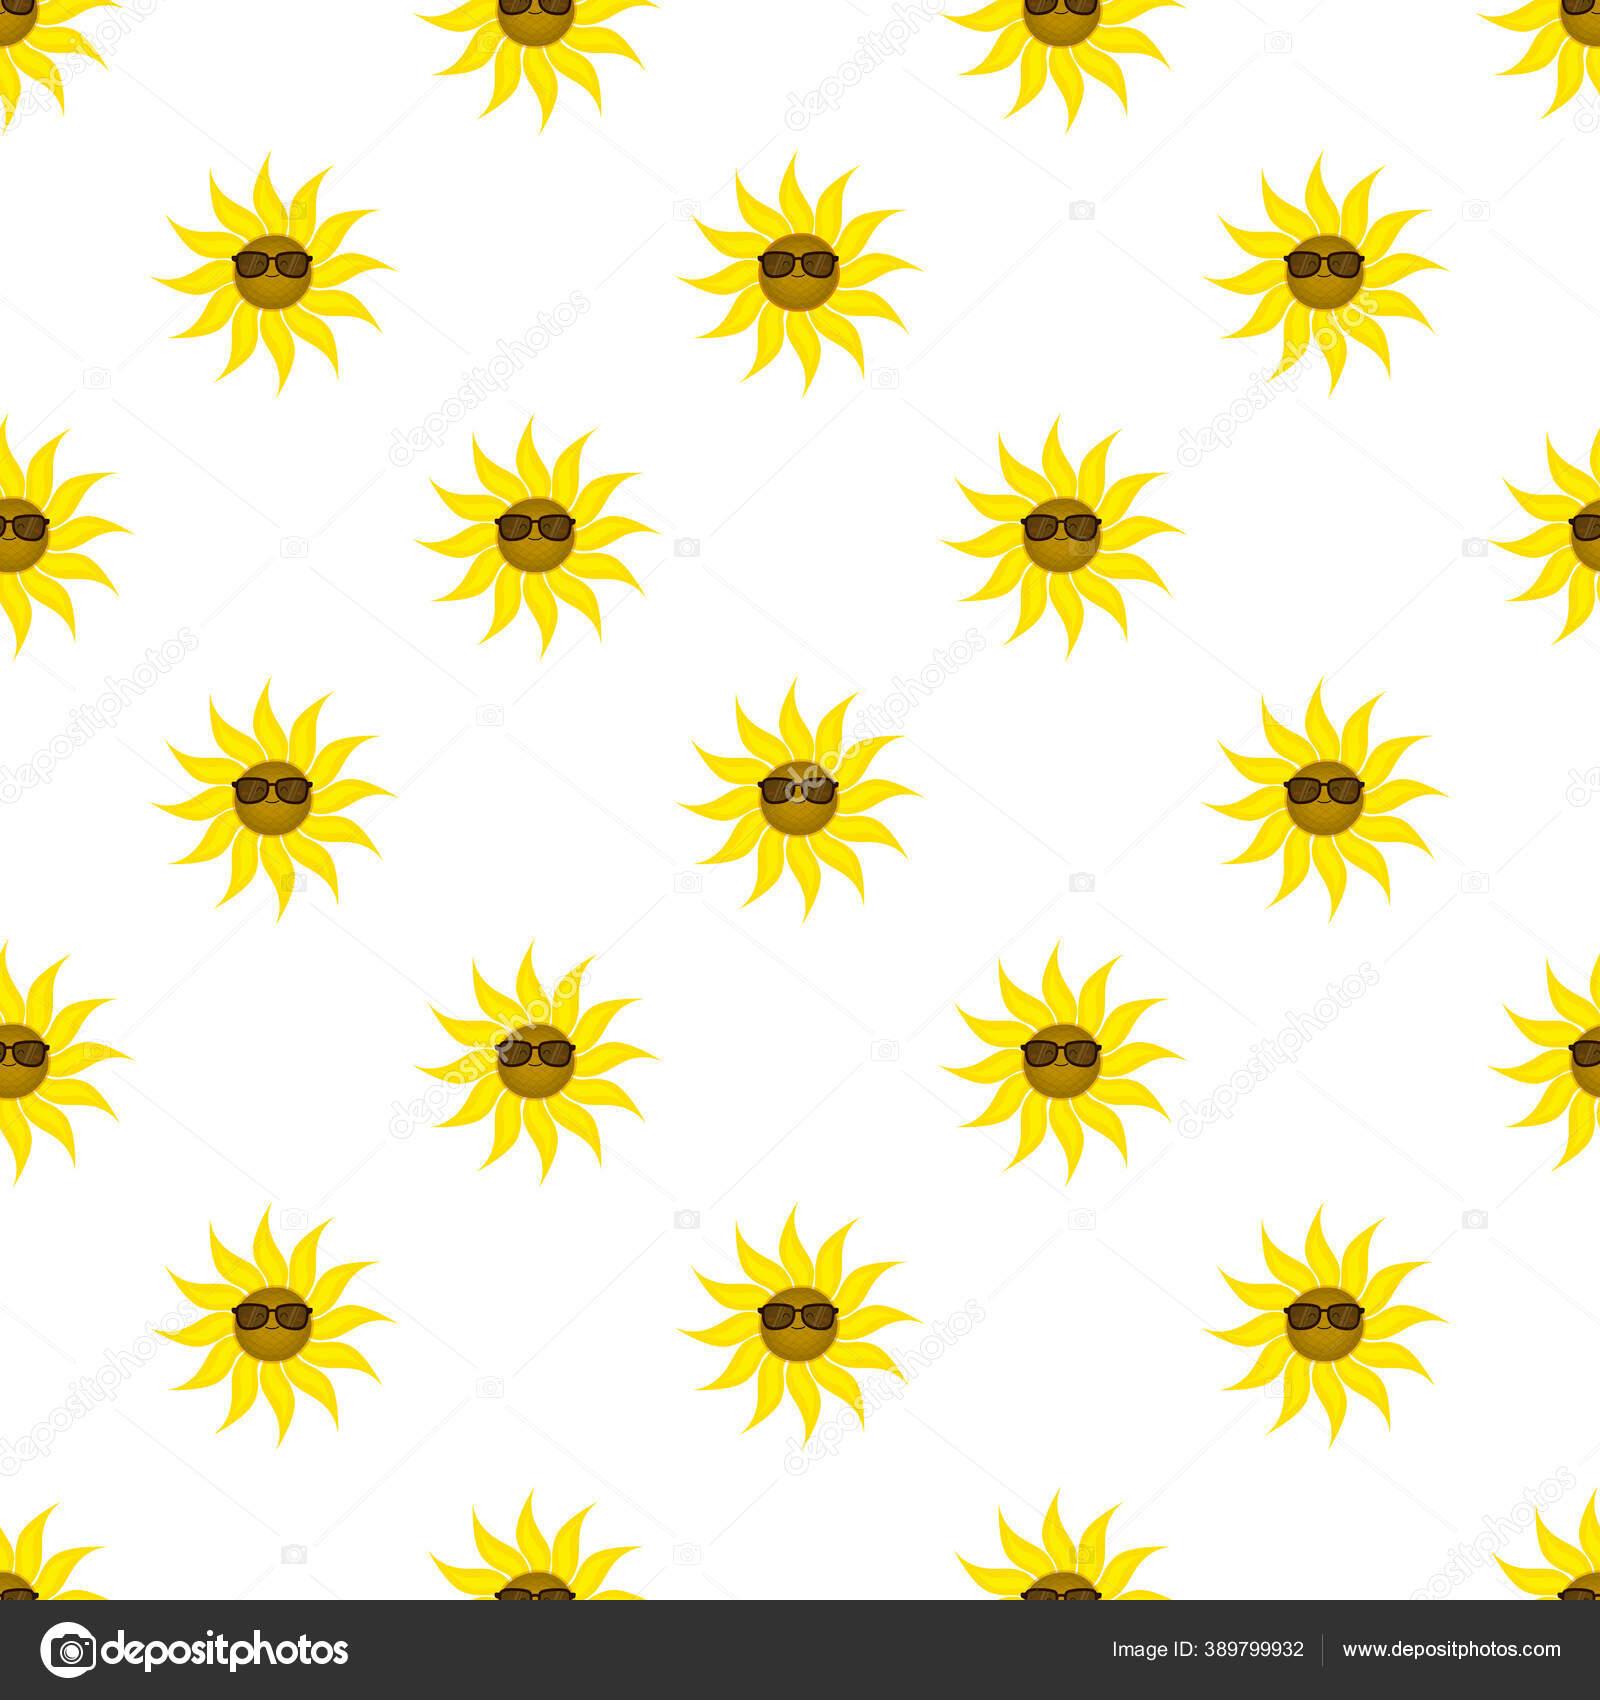 Pola Mulus Dengan Bunga Matahari Lucu Dalam Kacamata Hitam Tanaman Stok Vektor C Shibut Olya Gmail Com 389799932